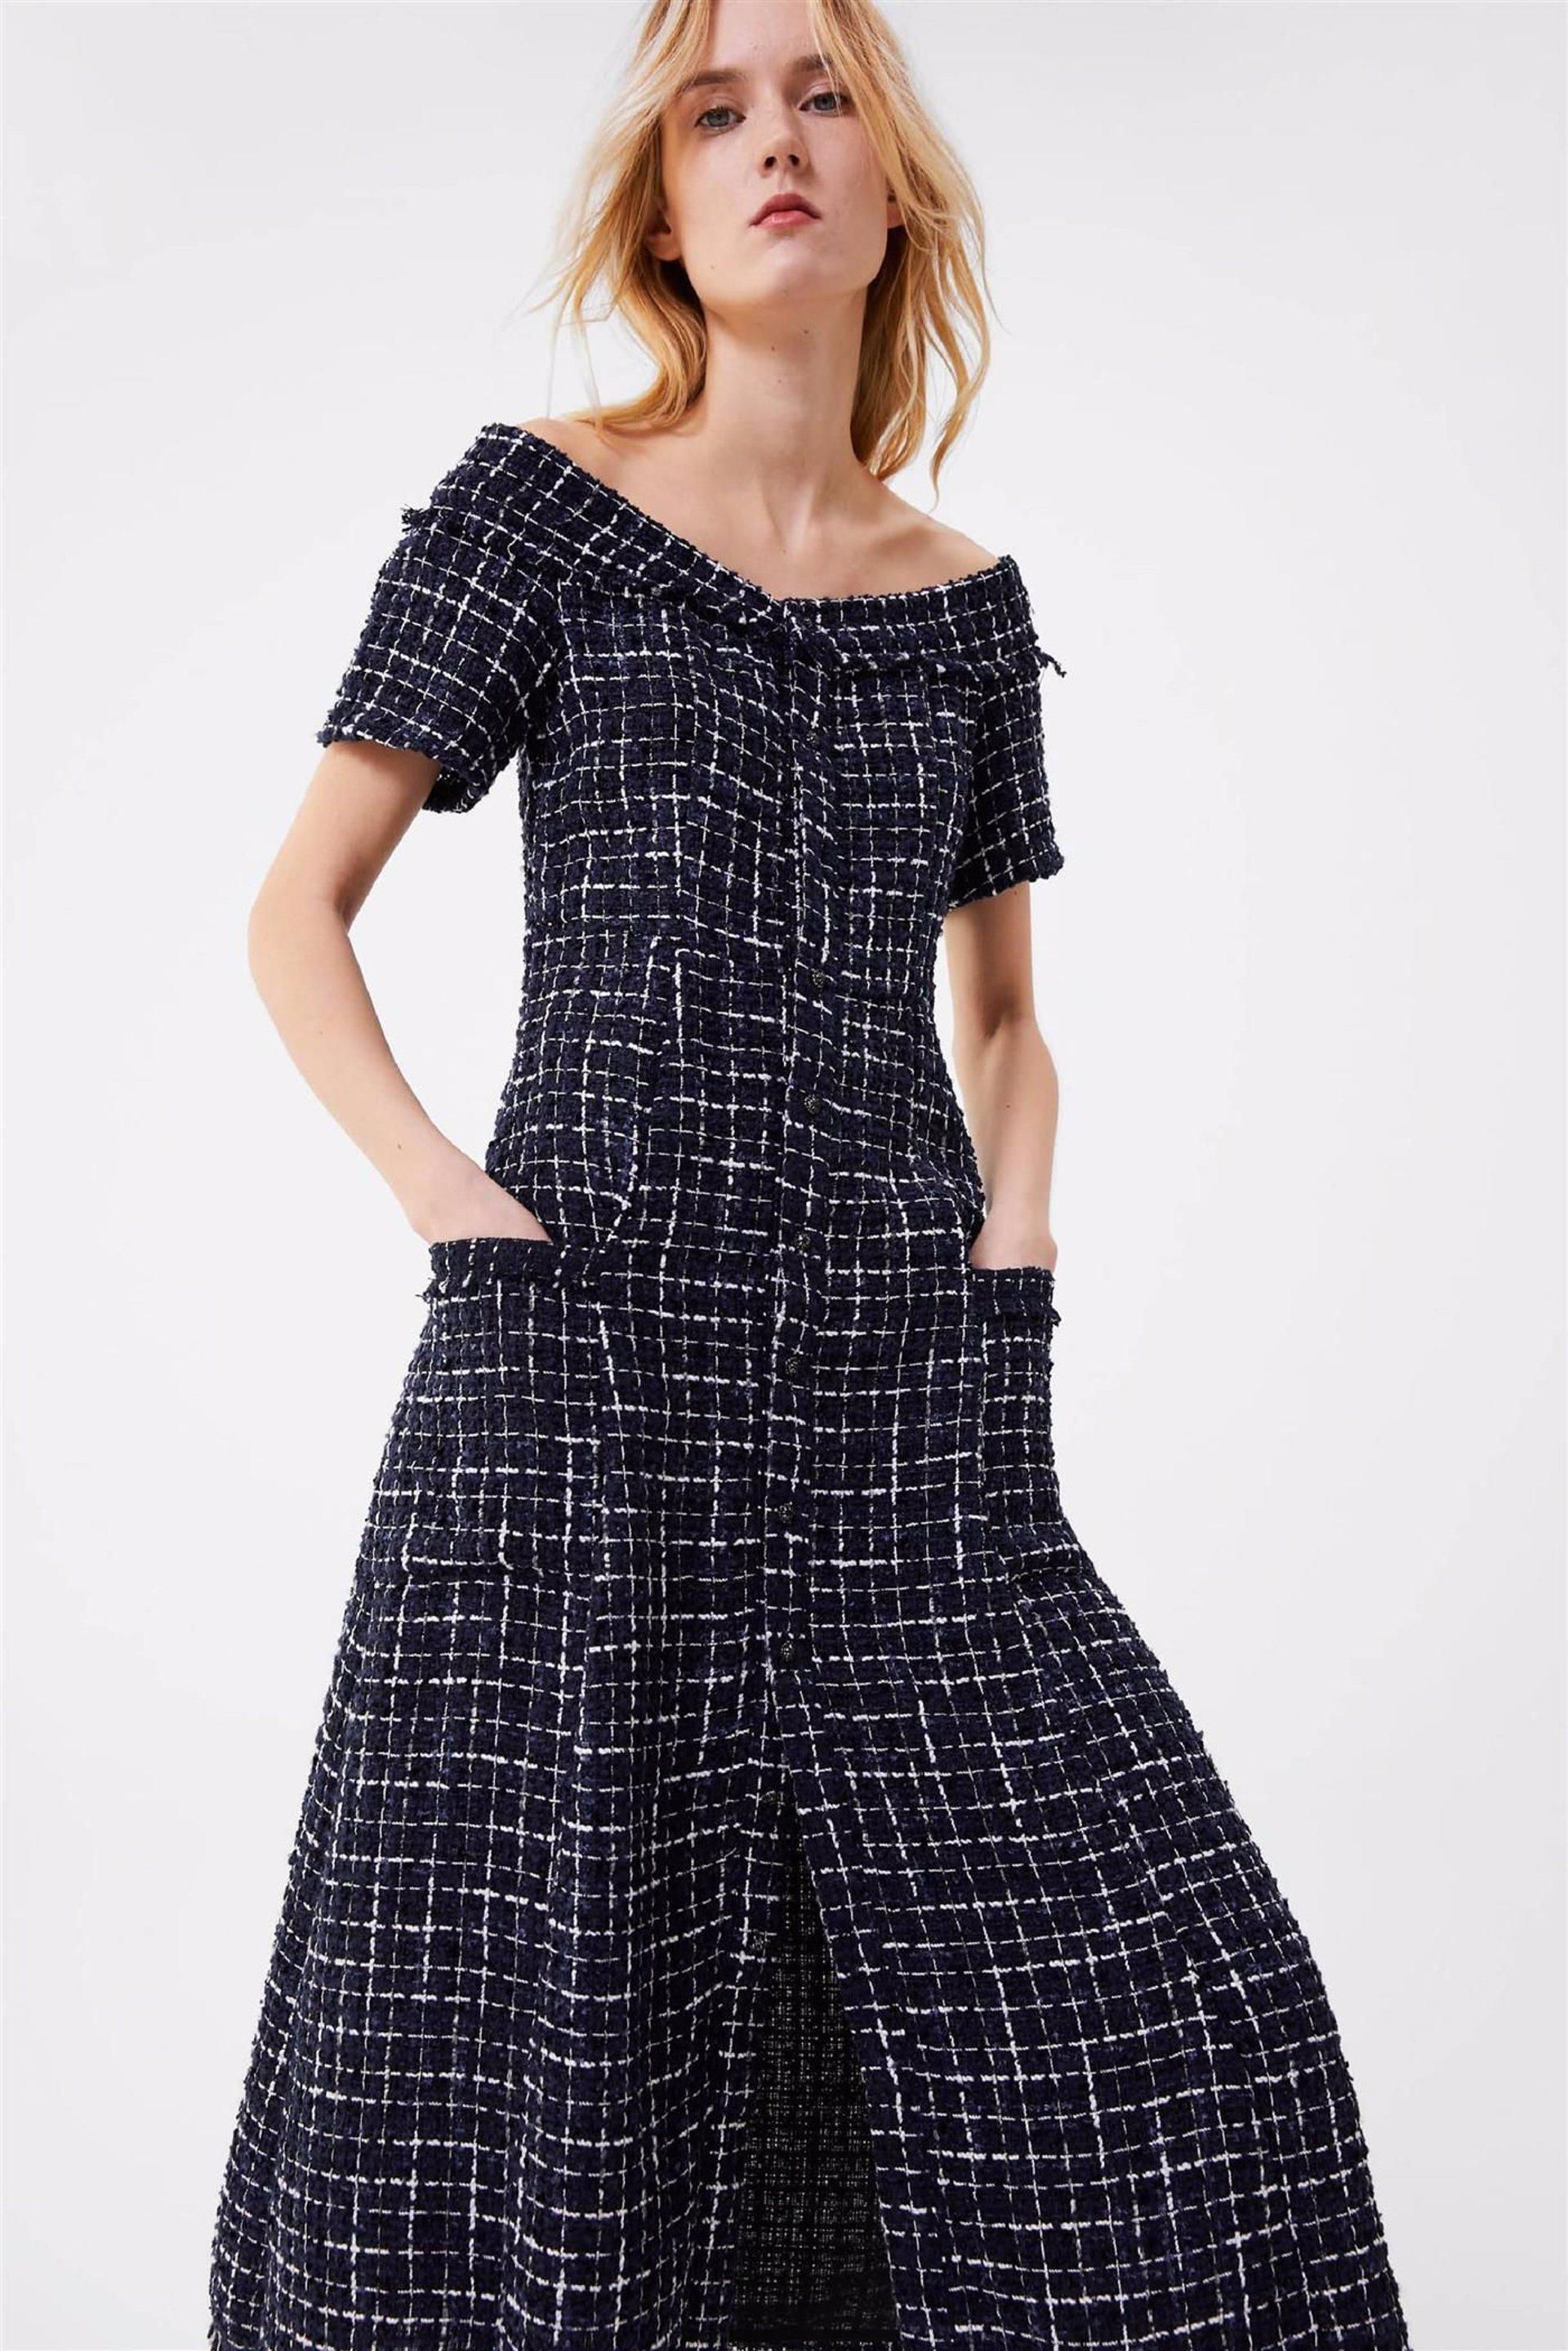 Zara: 5 vestidos por 10 euros, incluido el de la Reina Letizia